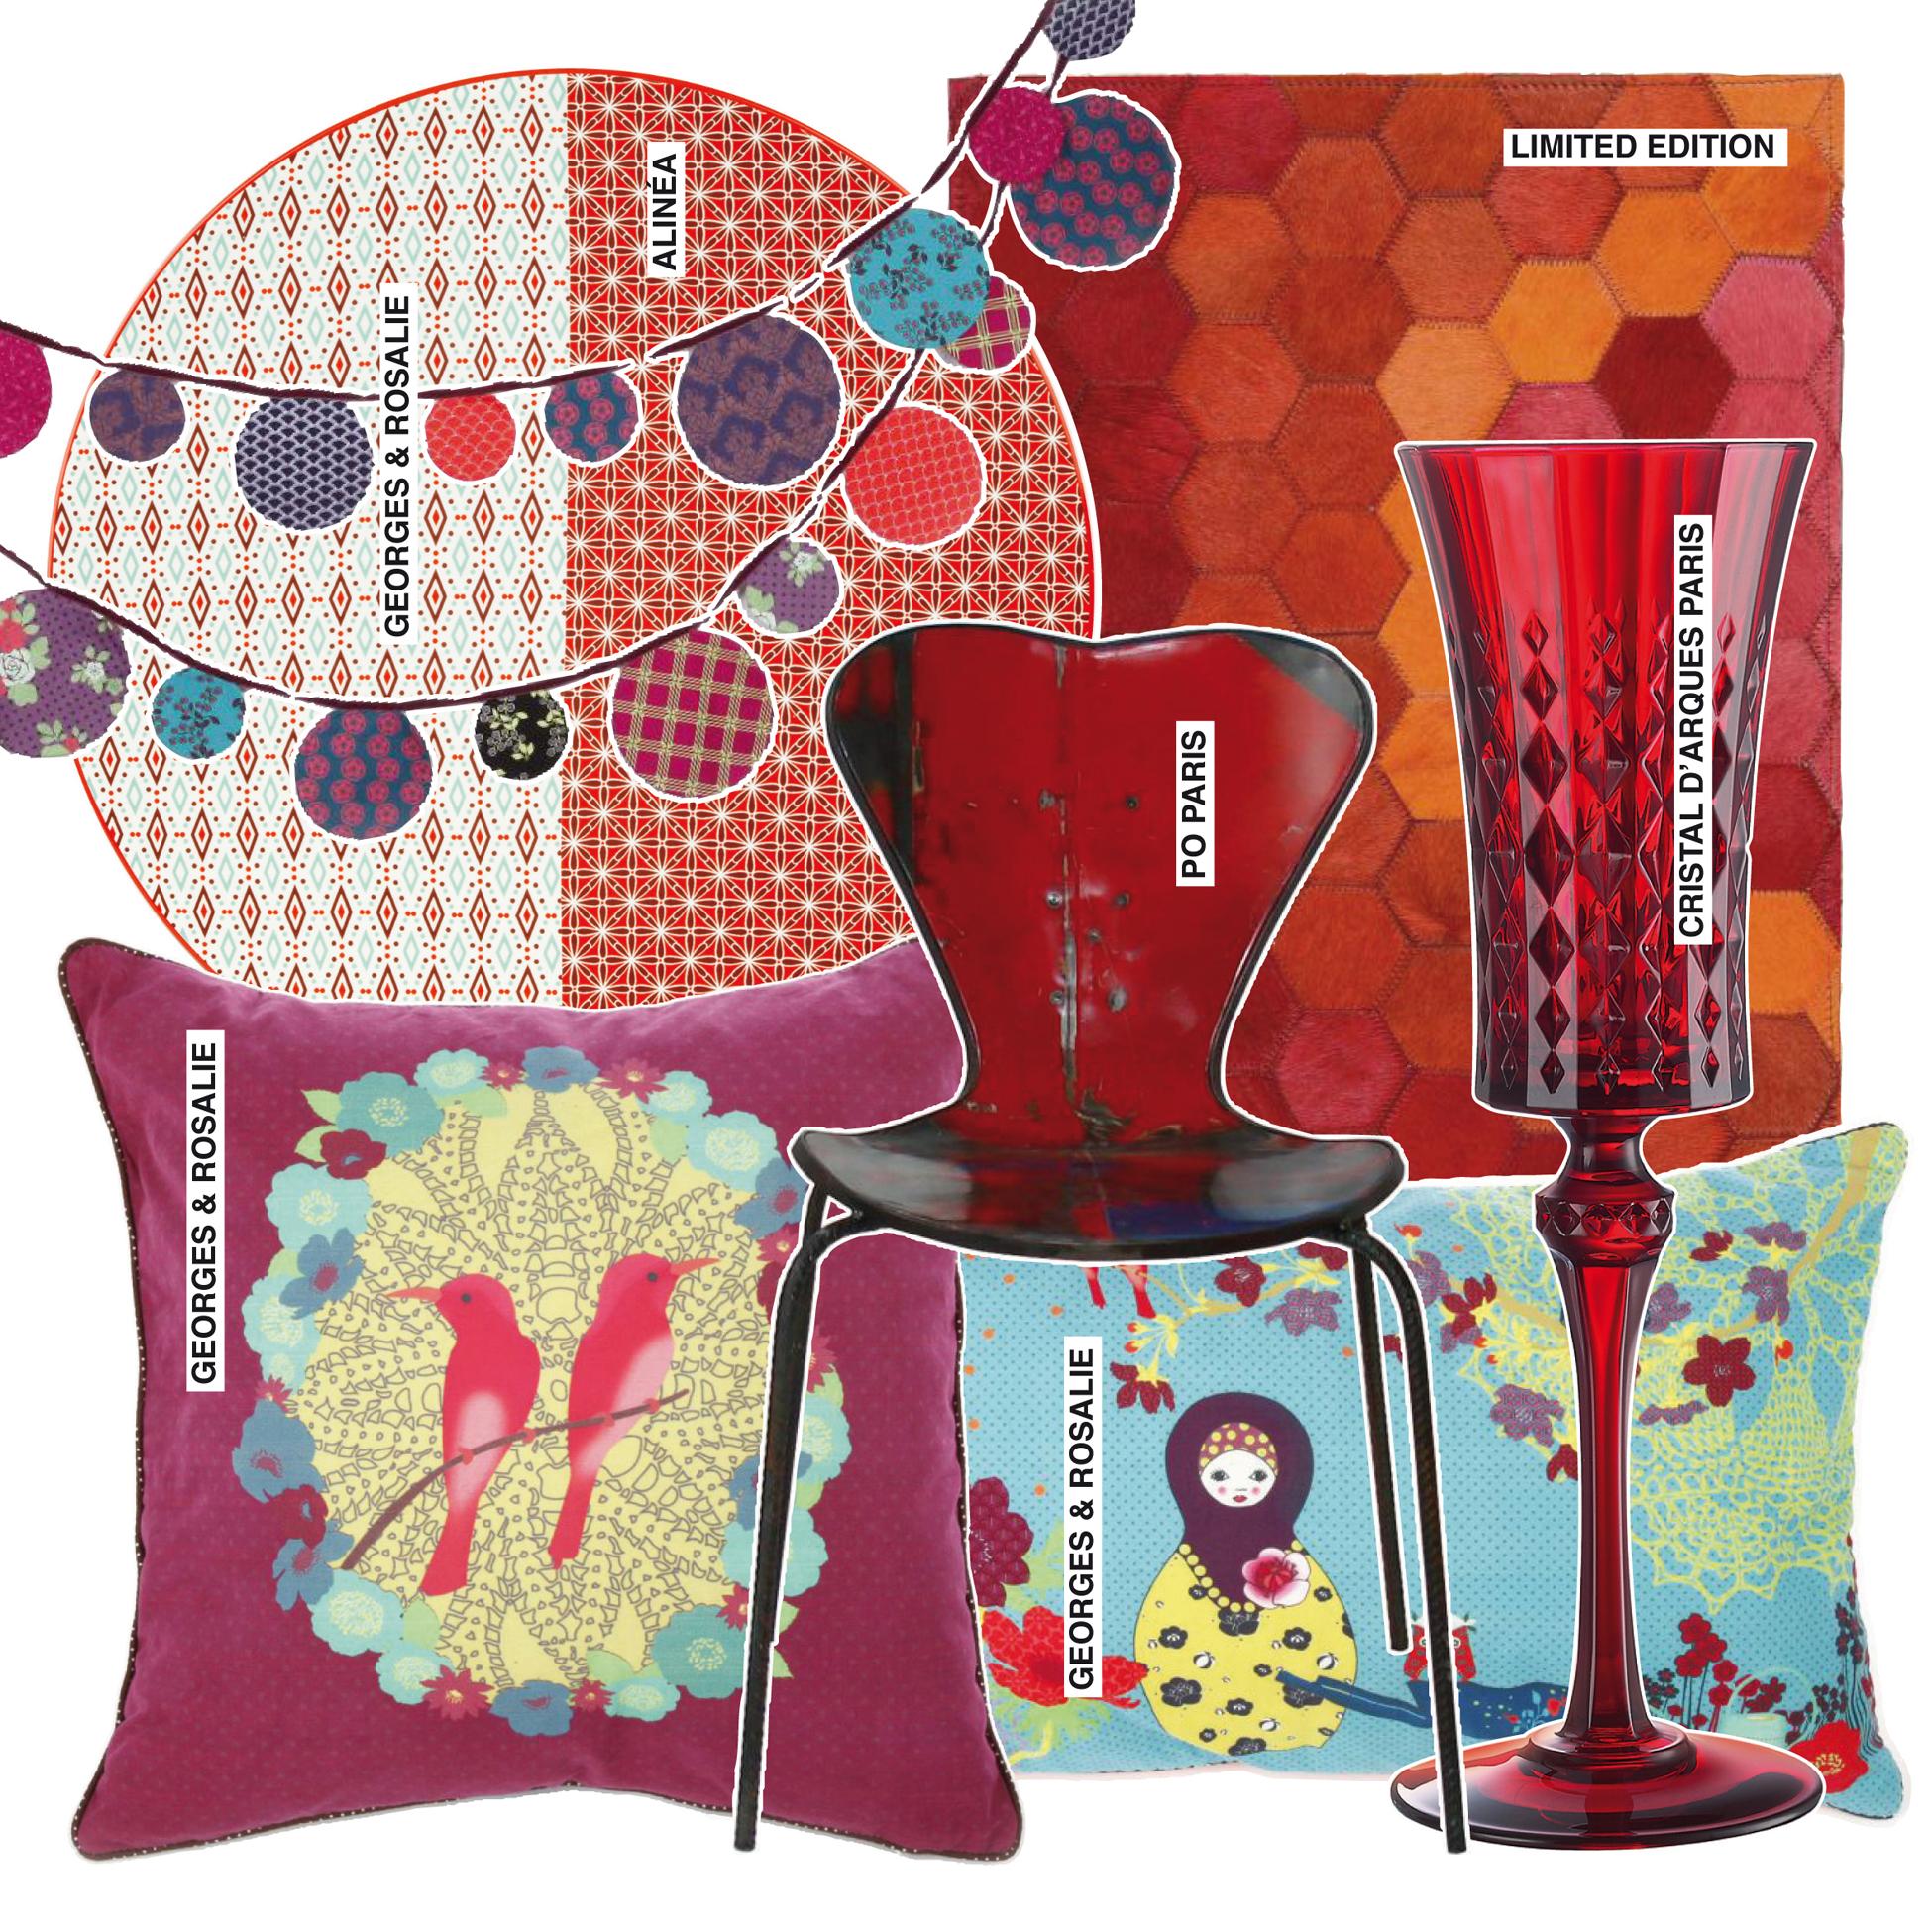 tapis boheme chic awesome tapis folklorique colore with chambre boheme dco navajo le nouveau. Black Bedroom Furniture Sets. Home Design Ideas